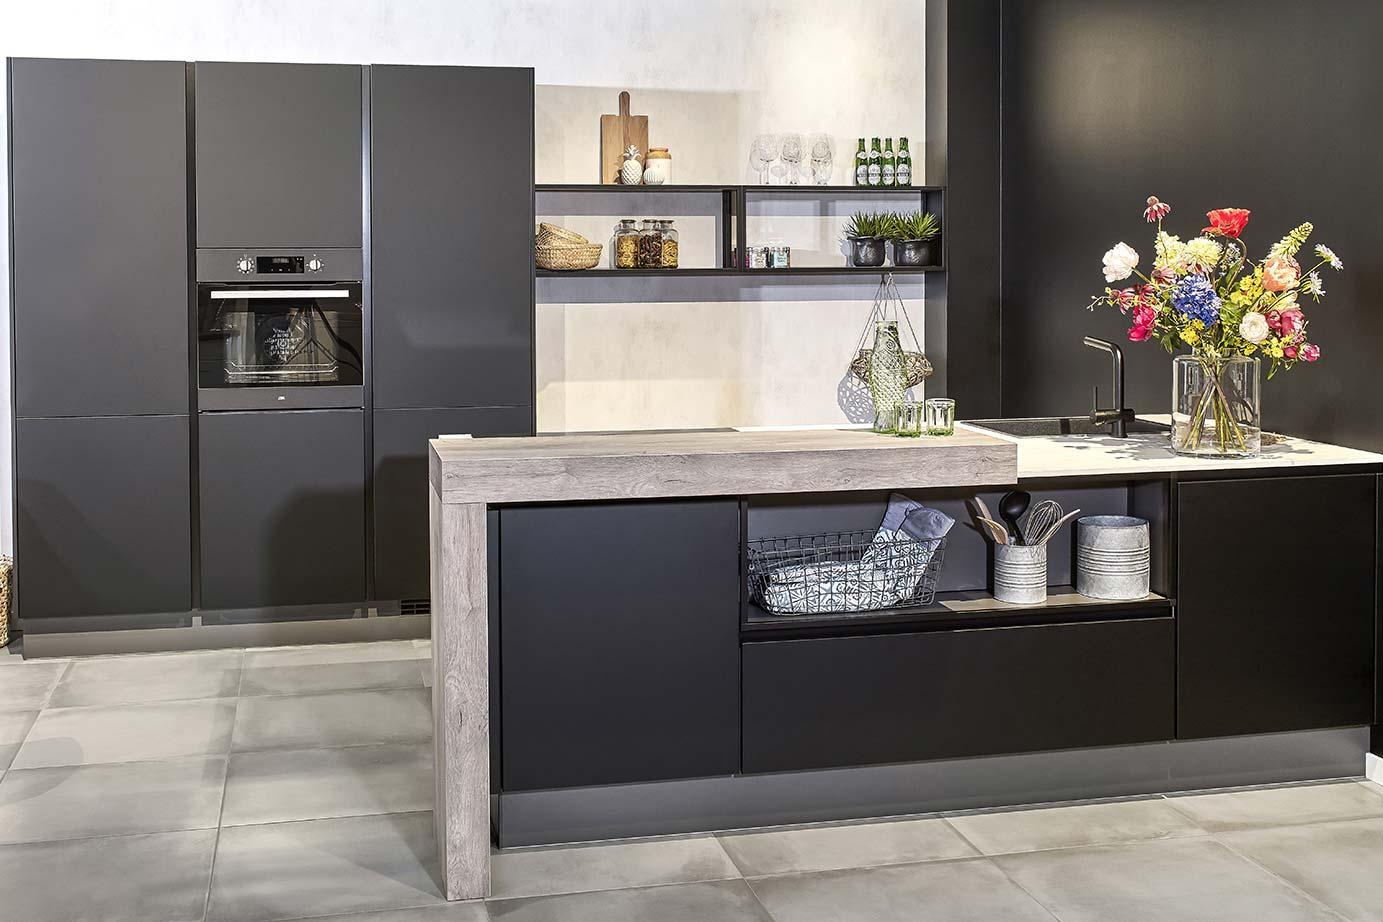 Extreem Zwarte keukens. Bekijk vele voorbeelden en krijg inspiratie. - DB  VE17